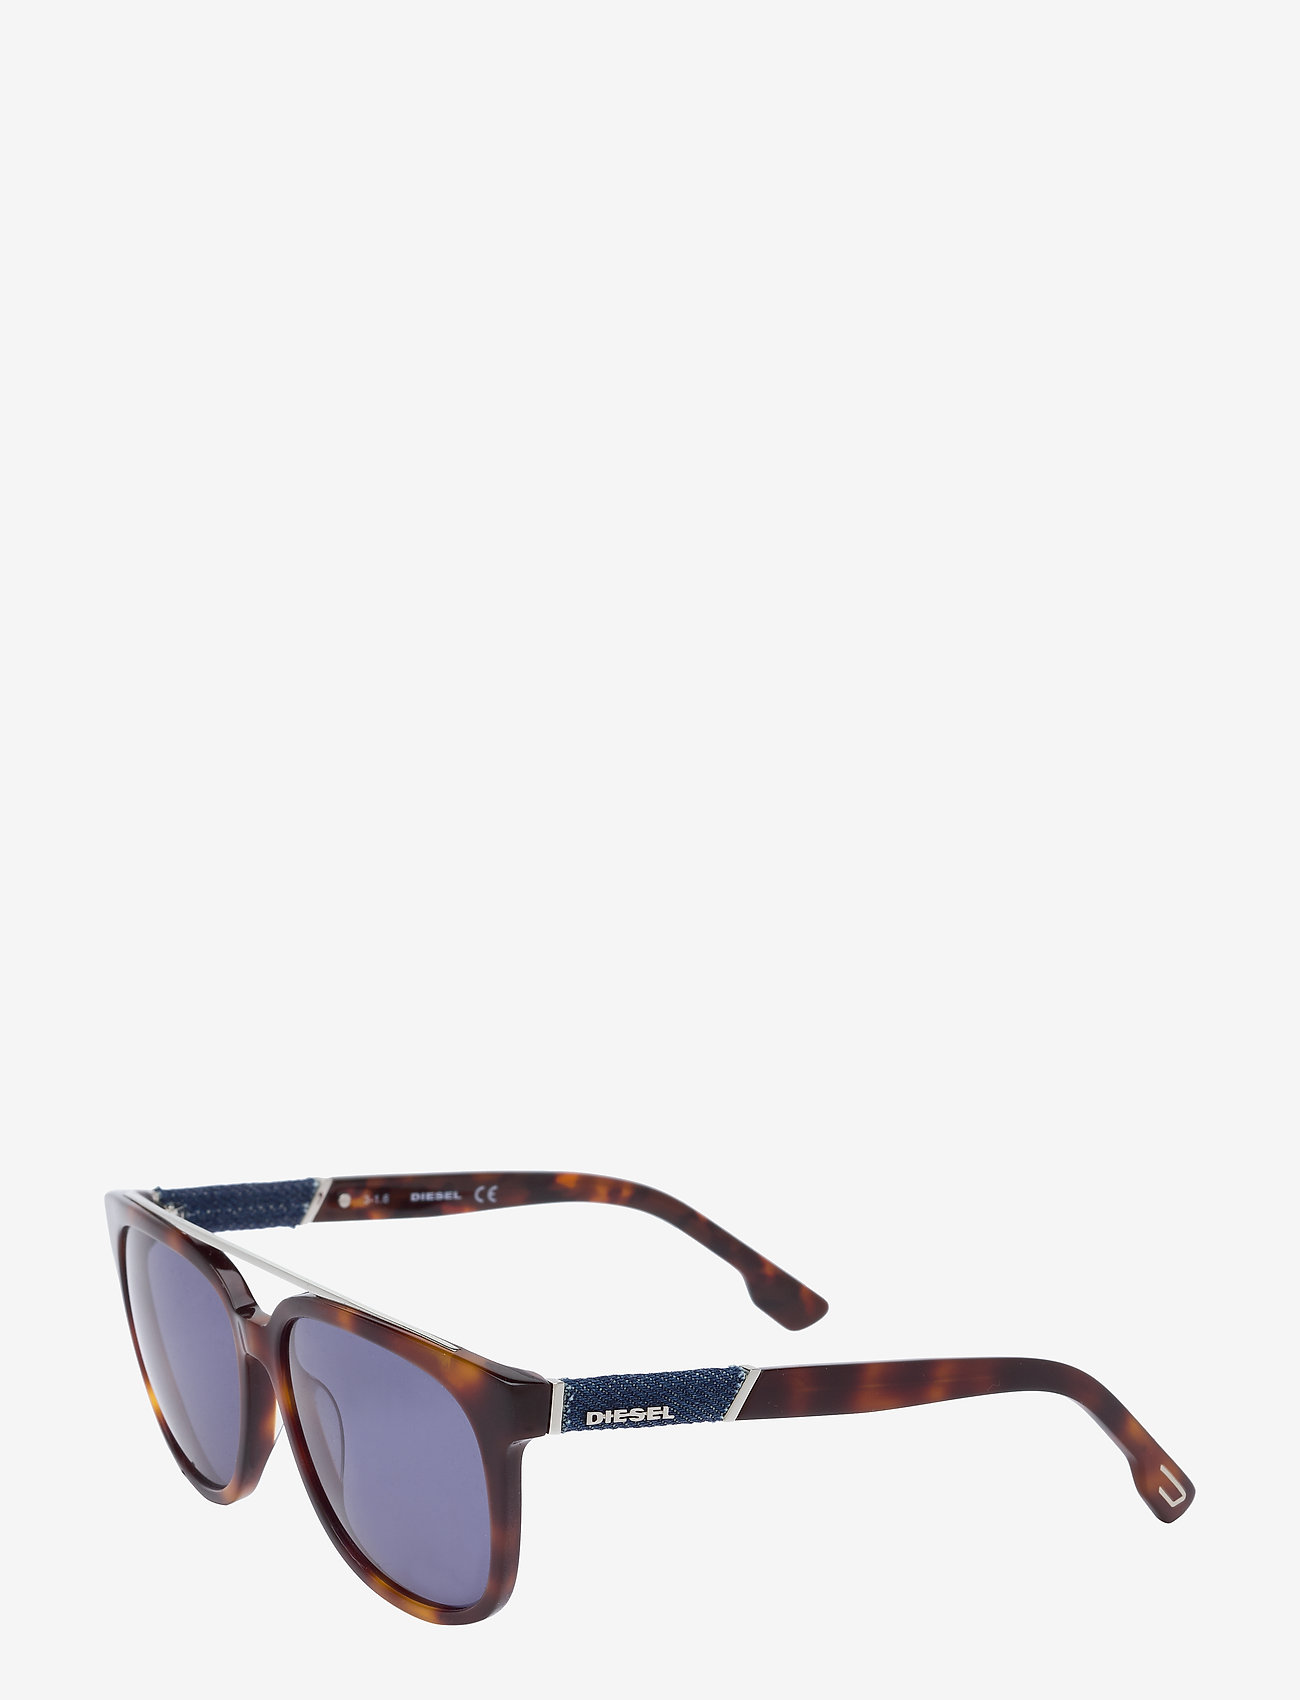 Diesel - DL0169 - okulary przeciwsłoneczne w kształcie litery d - 92l - blue/other / roviex mirror - 1